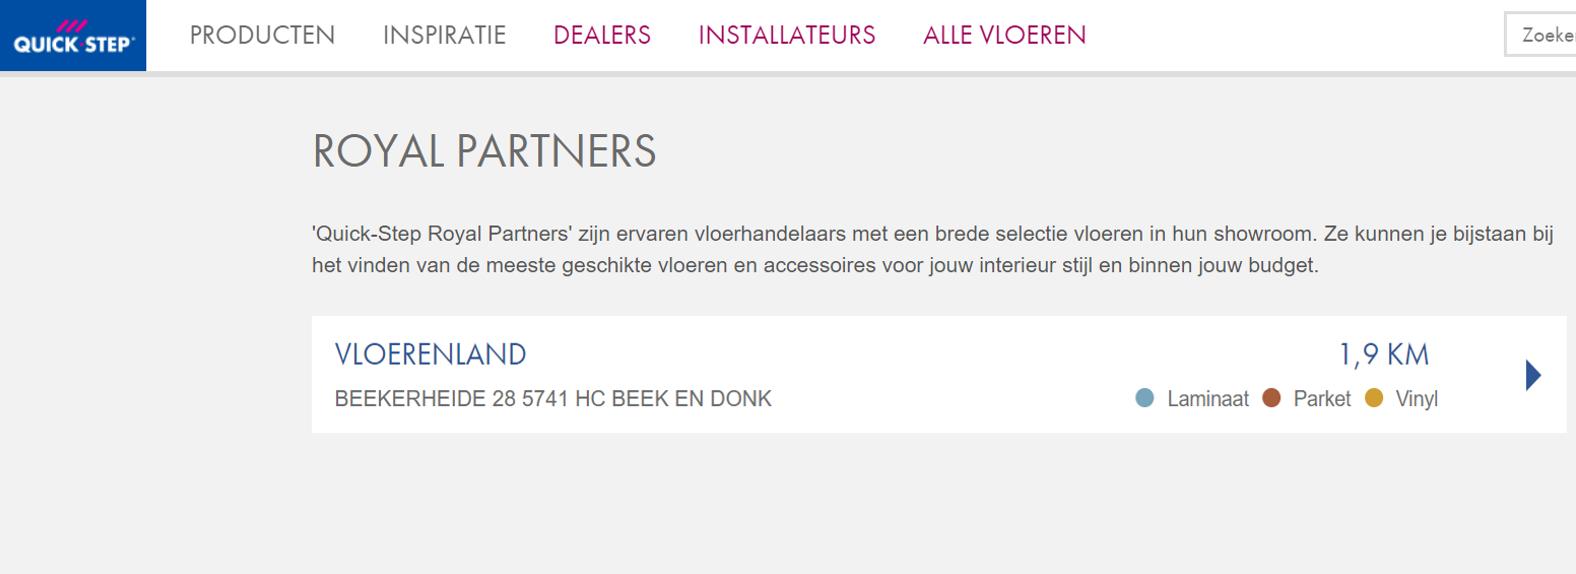 Vloerenland - Royal Quick-step dealer